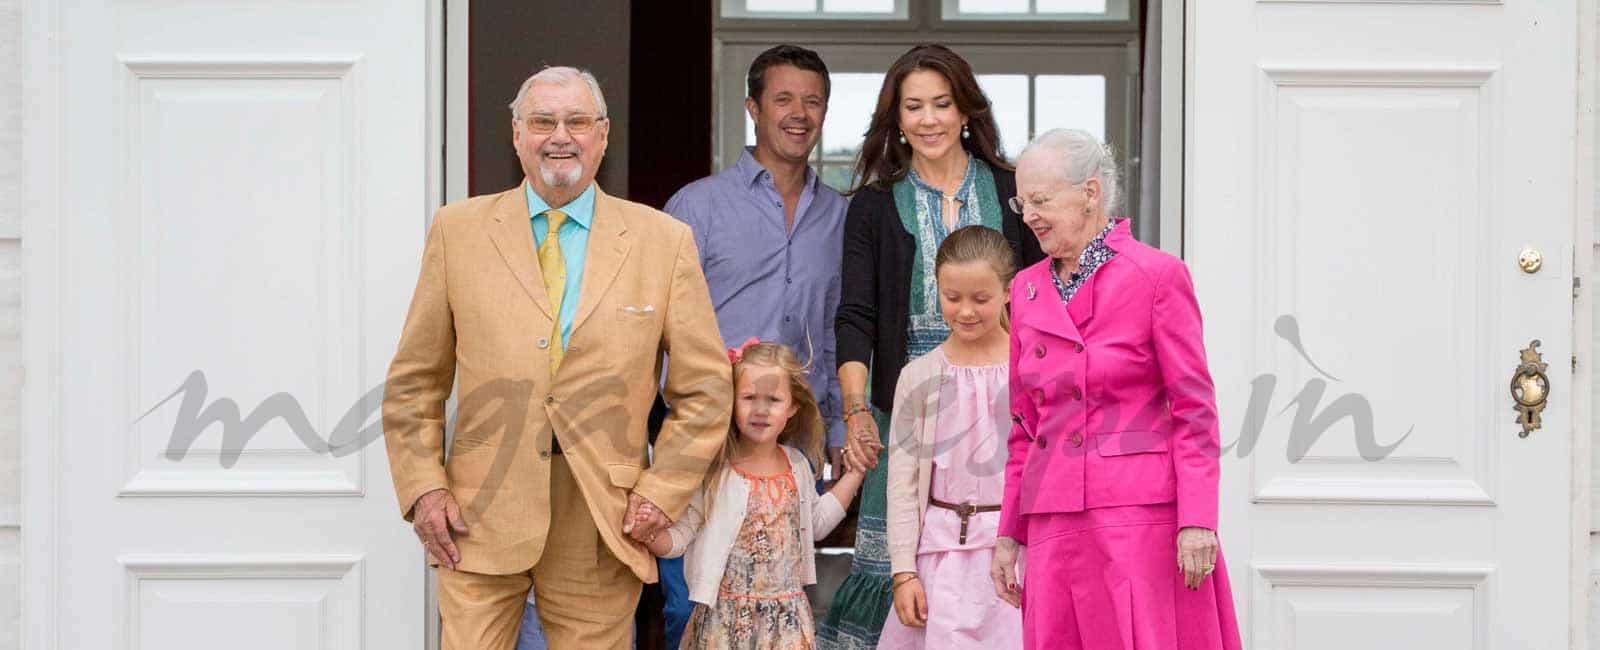 Con la ausencia del príncipe Joaquín, la Familia Real Danesa y su tradicional posado de verano